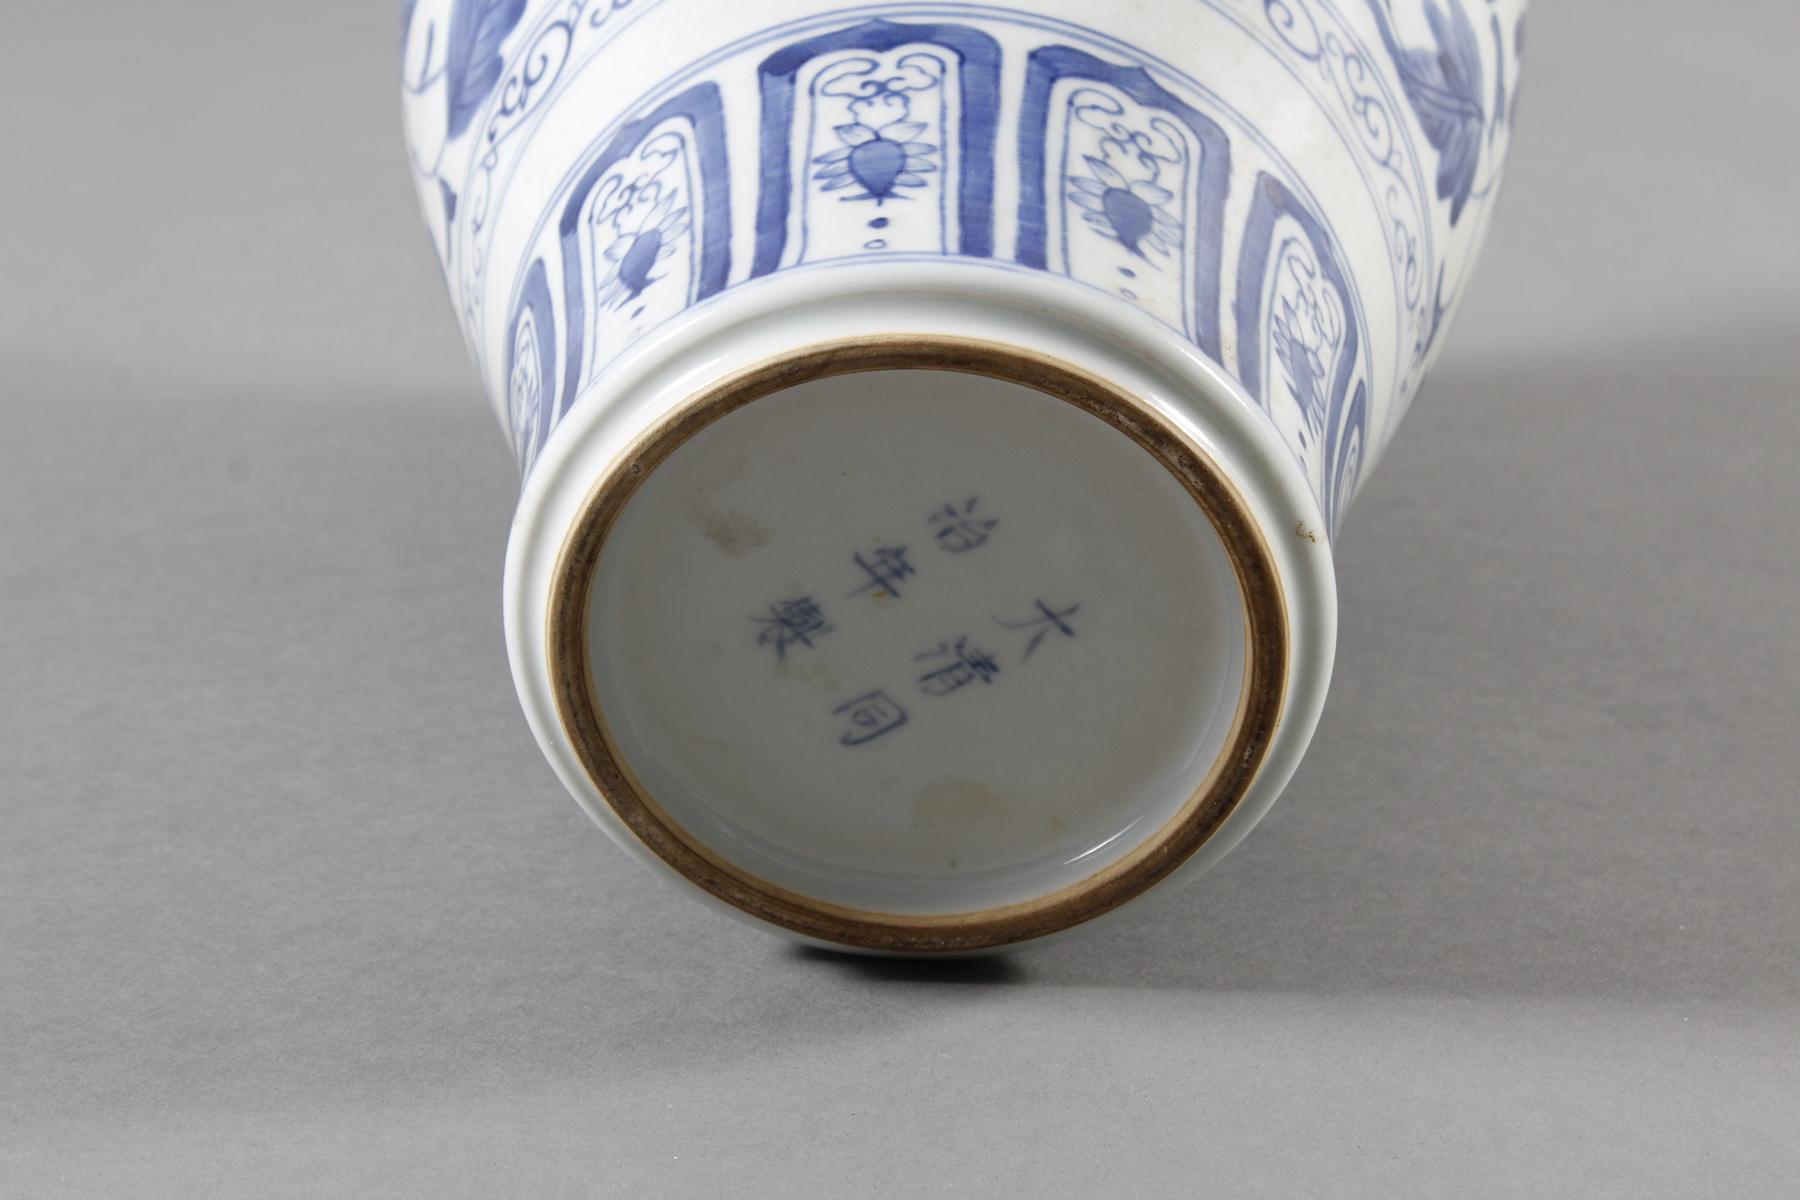 """Blau-Weiß- Porzellan Ziervase """"Meiping"""", China, Thung-chih 1862-1874 gemarkt-7"""